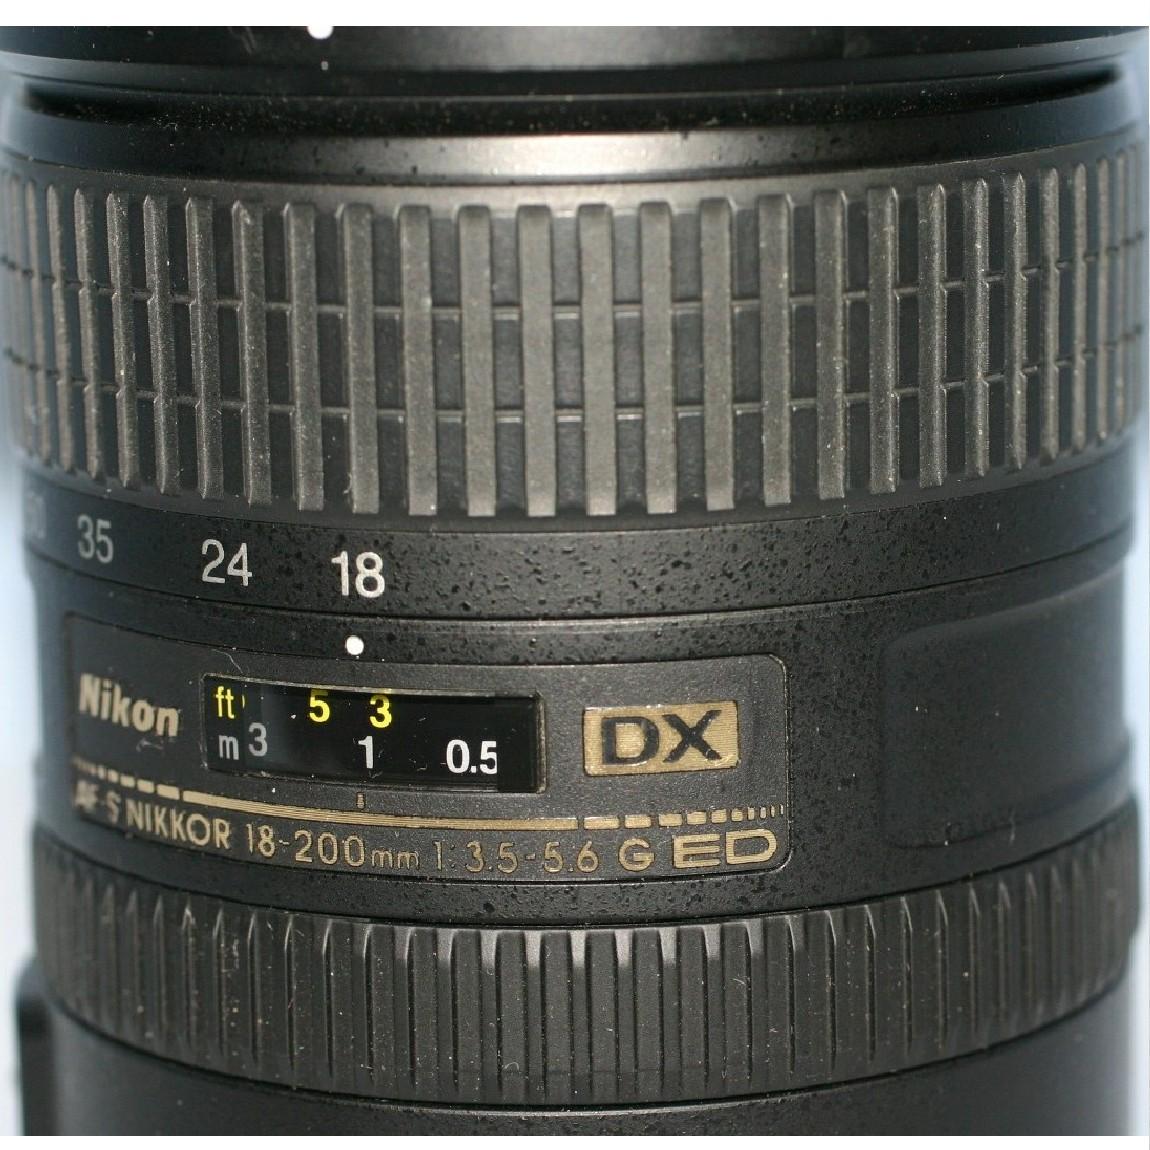 【中古】完動美品ニコンAF-S DX VRズームレンズニッコール18-200mmF3,5-5,6G IF-ED 1ヶ月保証付き